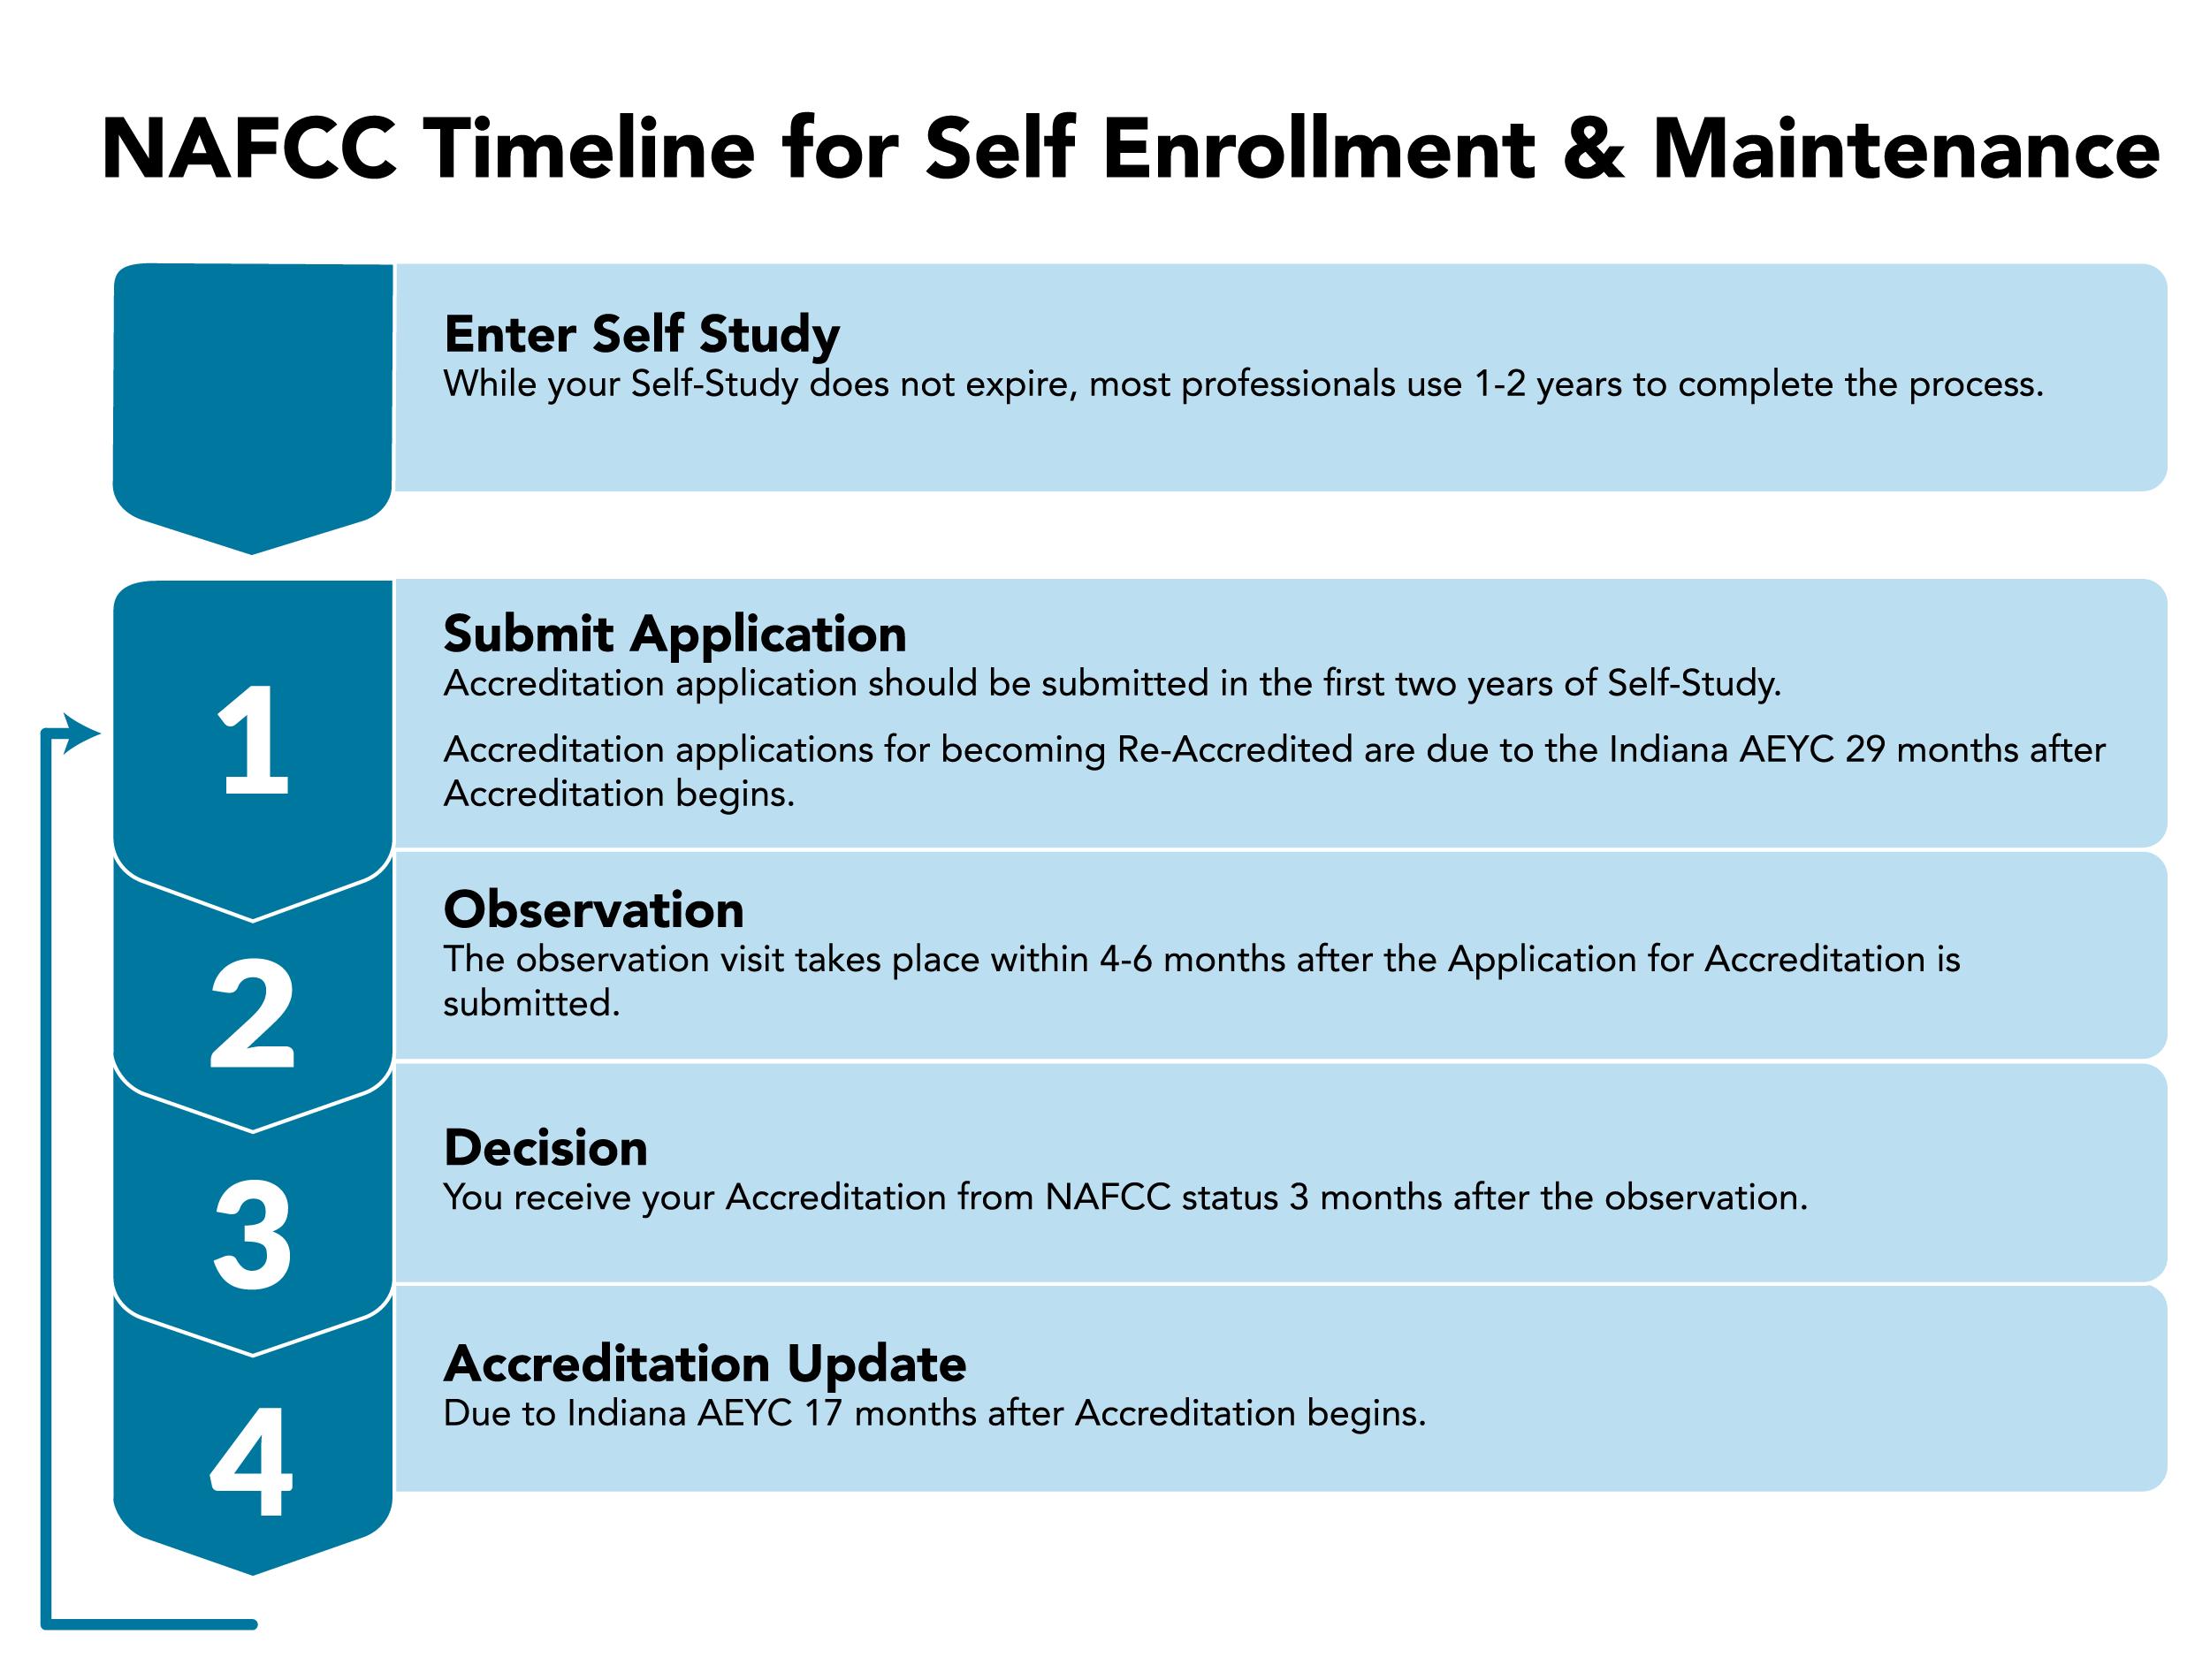 NAFCC Timeline for Self Enrollment